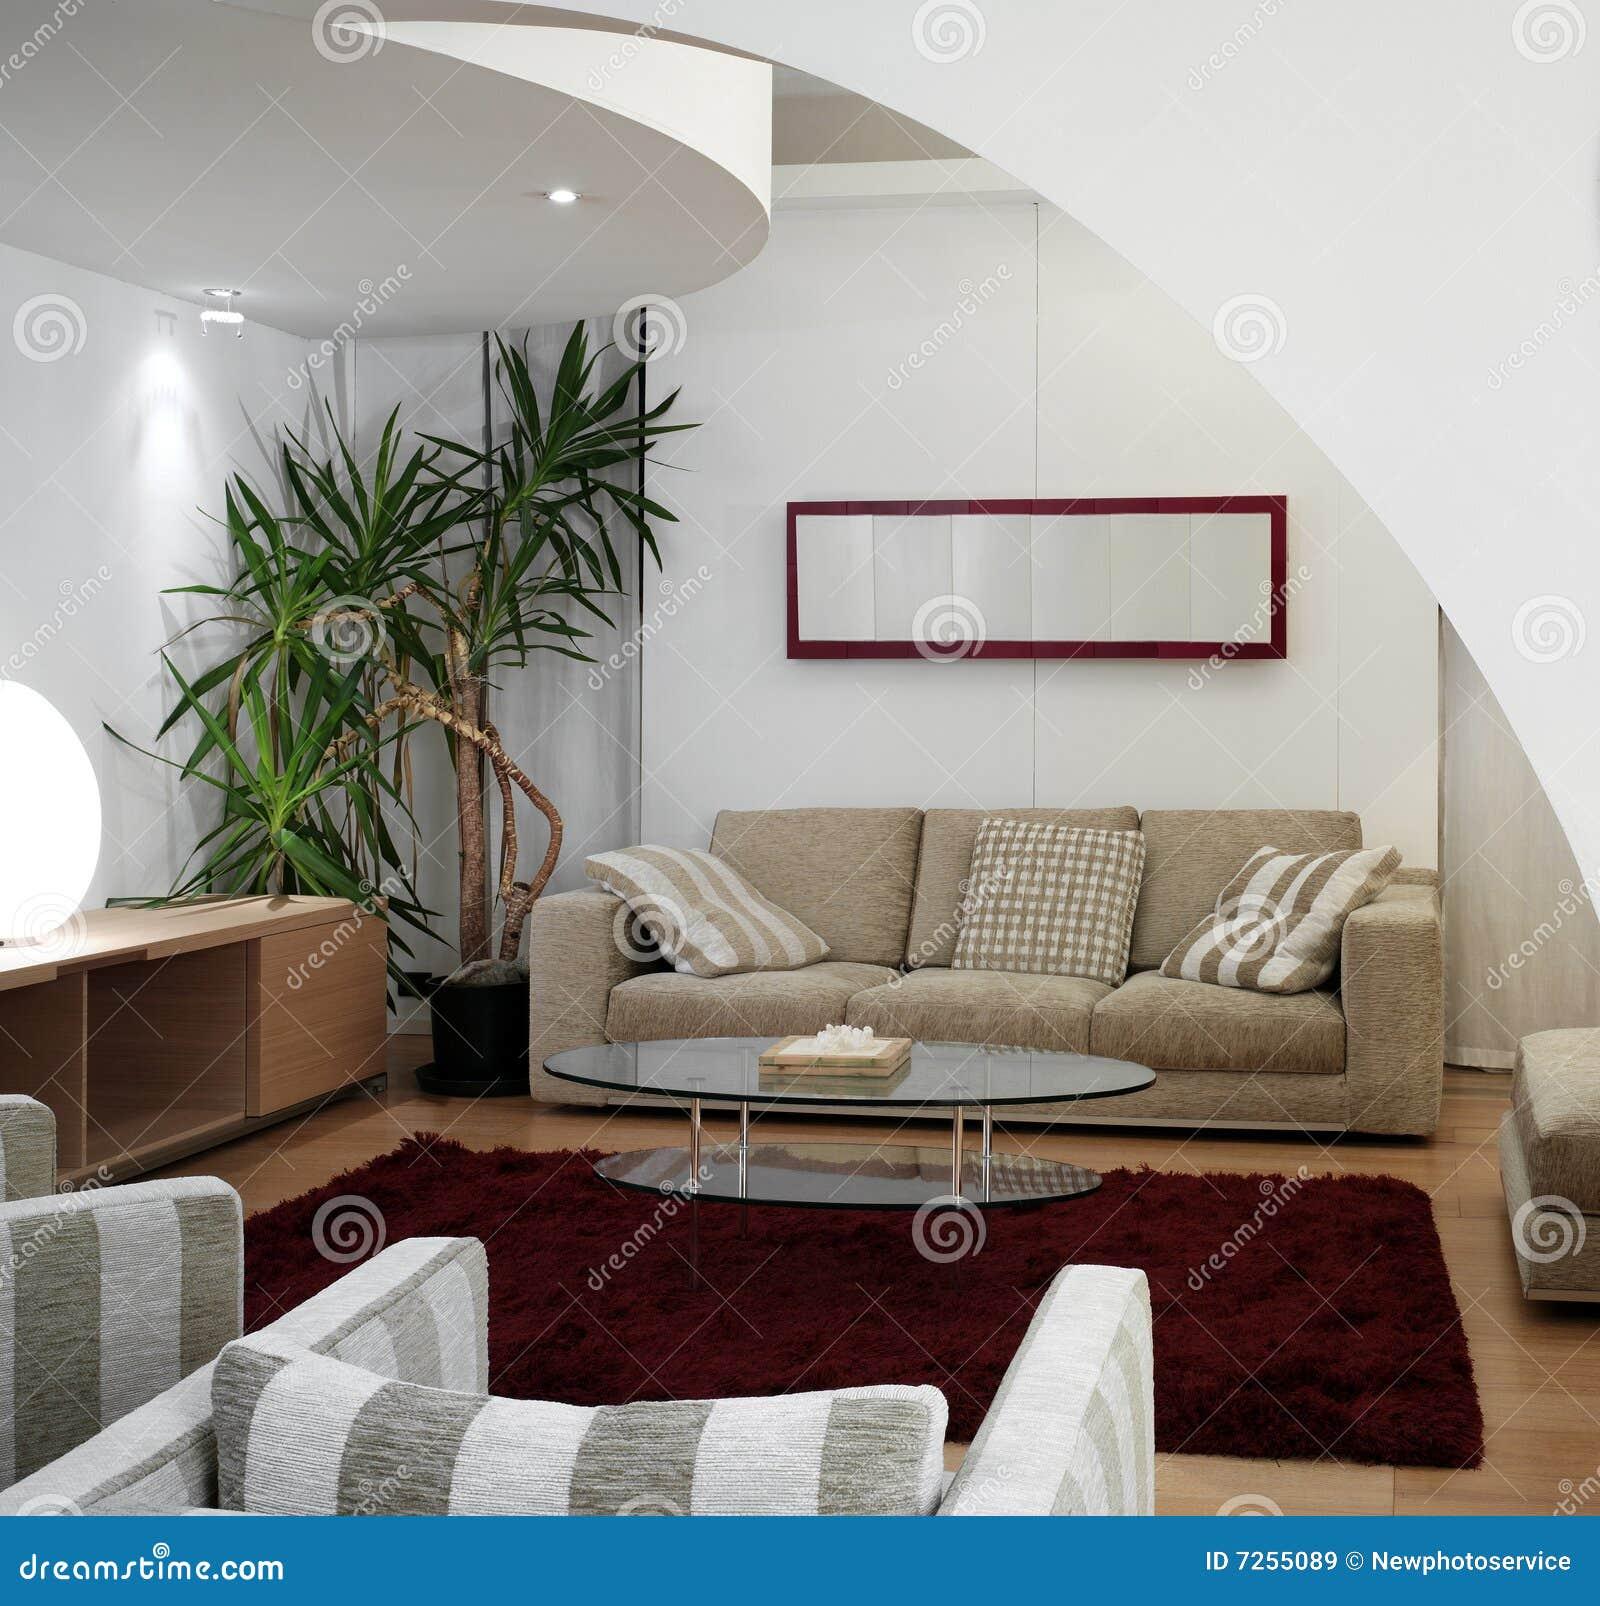 #83A526 Salle De Séjour Moderne Avec Des Cannes De Bambou Déco  3941 salle de sejour moderne 1300x1322 px @ aertt.com